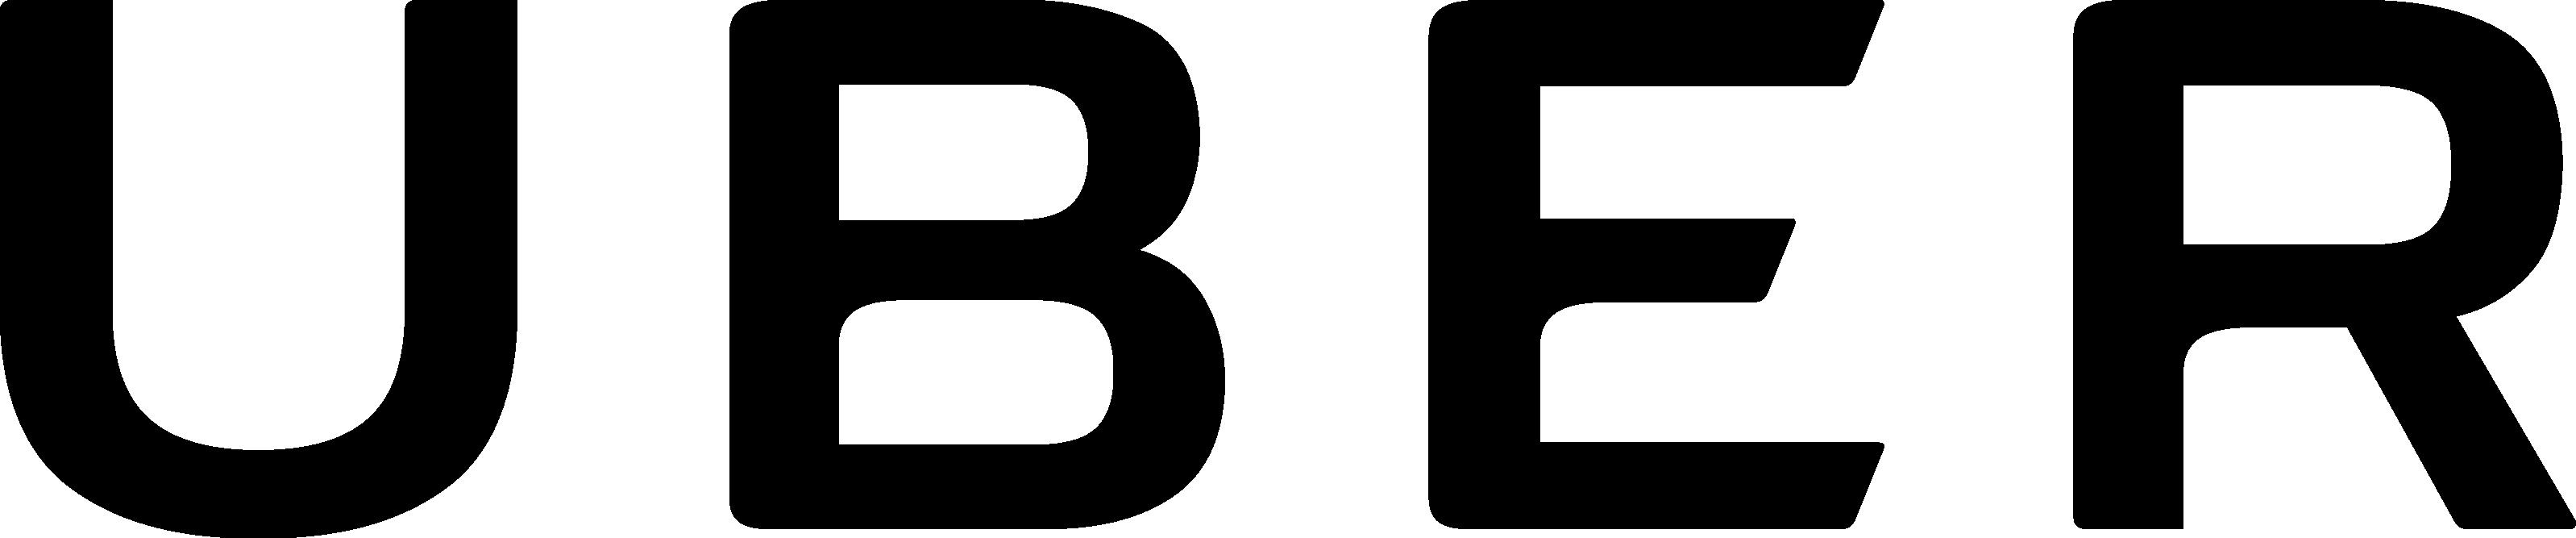 uber-logo - Uber Vector PNG